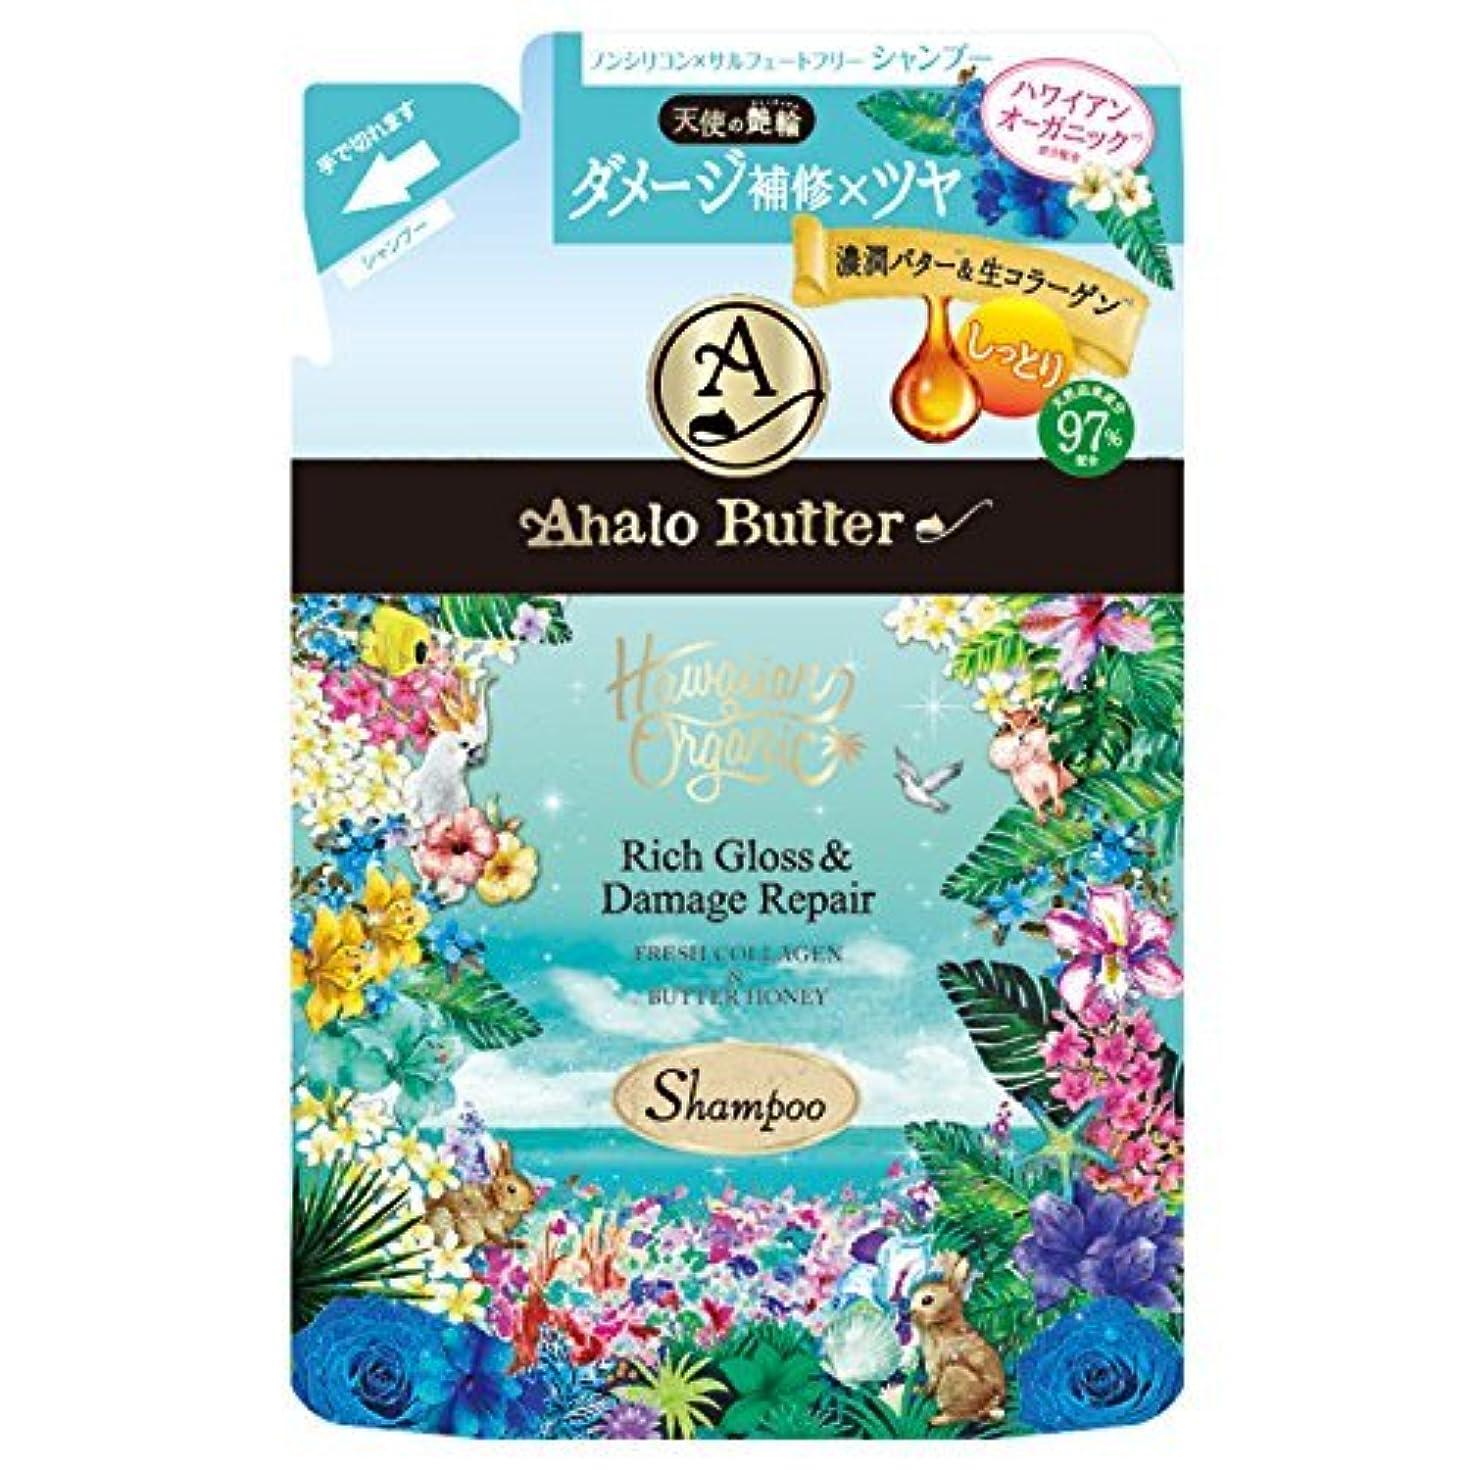 典型的な傑作寝具Ahalo butter(アハロバター) ハワイアンオーガニック リッチグロス&ダメージリペア モイストシャンプー / 詰め替え / 400ml